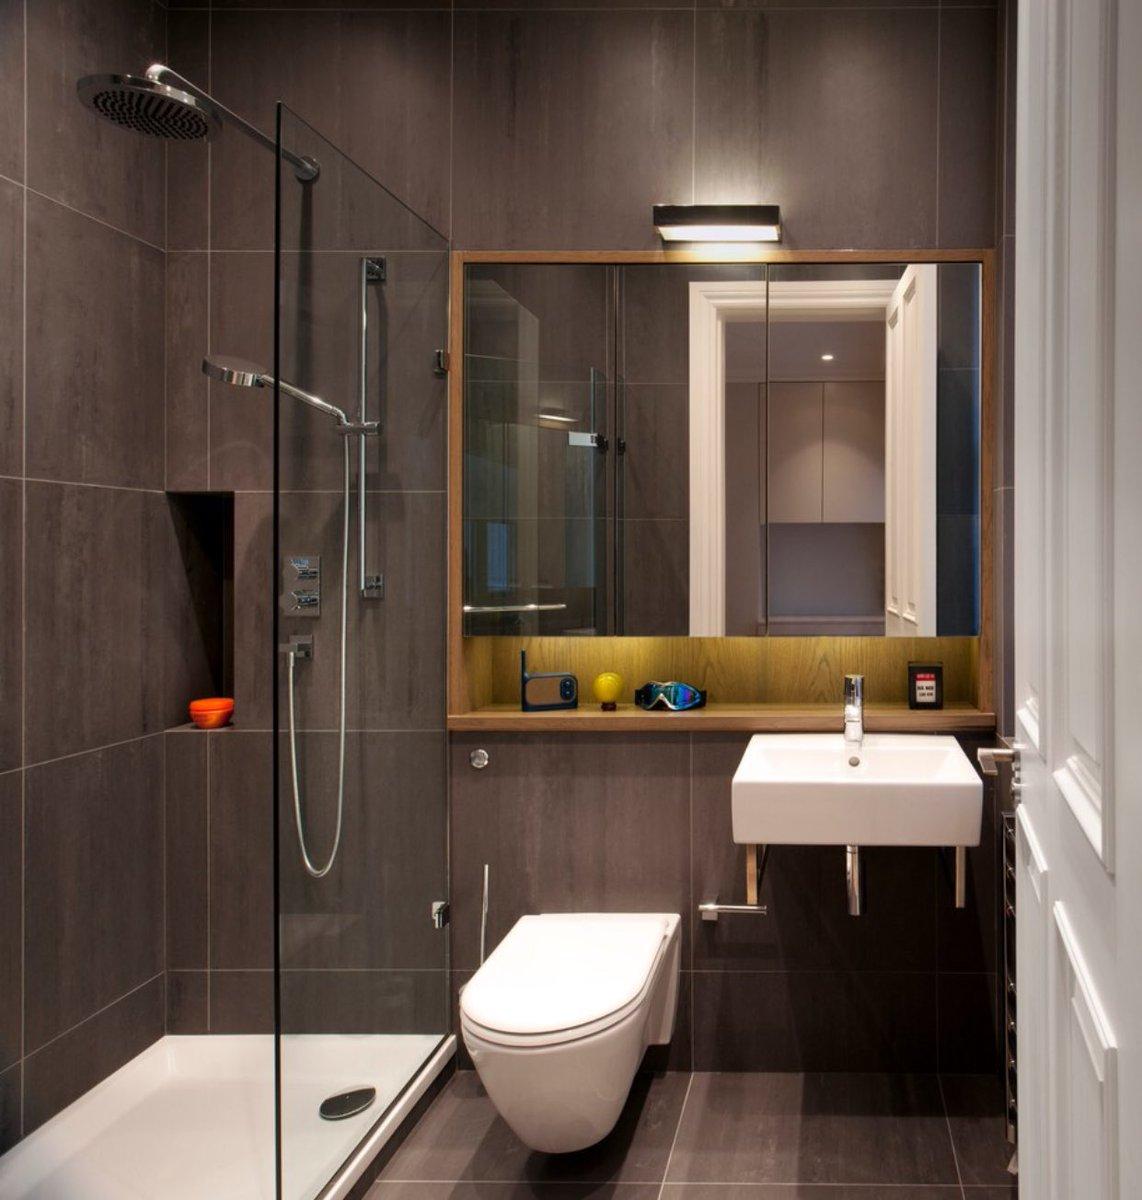 بالصور حمامات صغيرة , صور ديكورات حمامات 5007 6